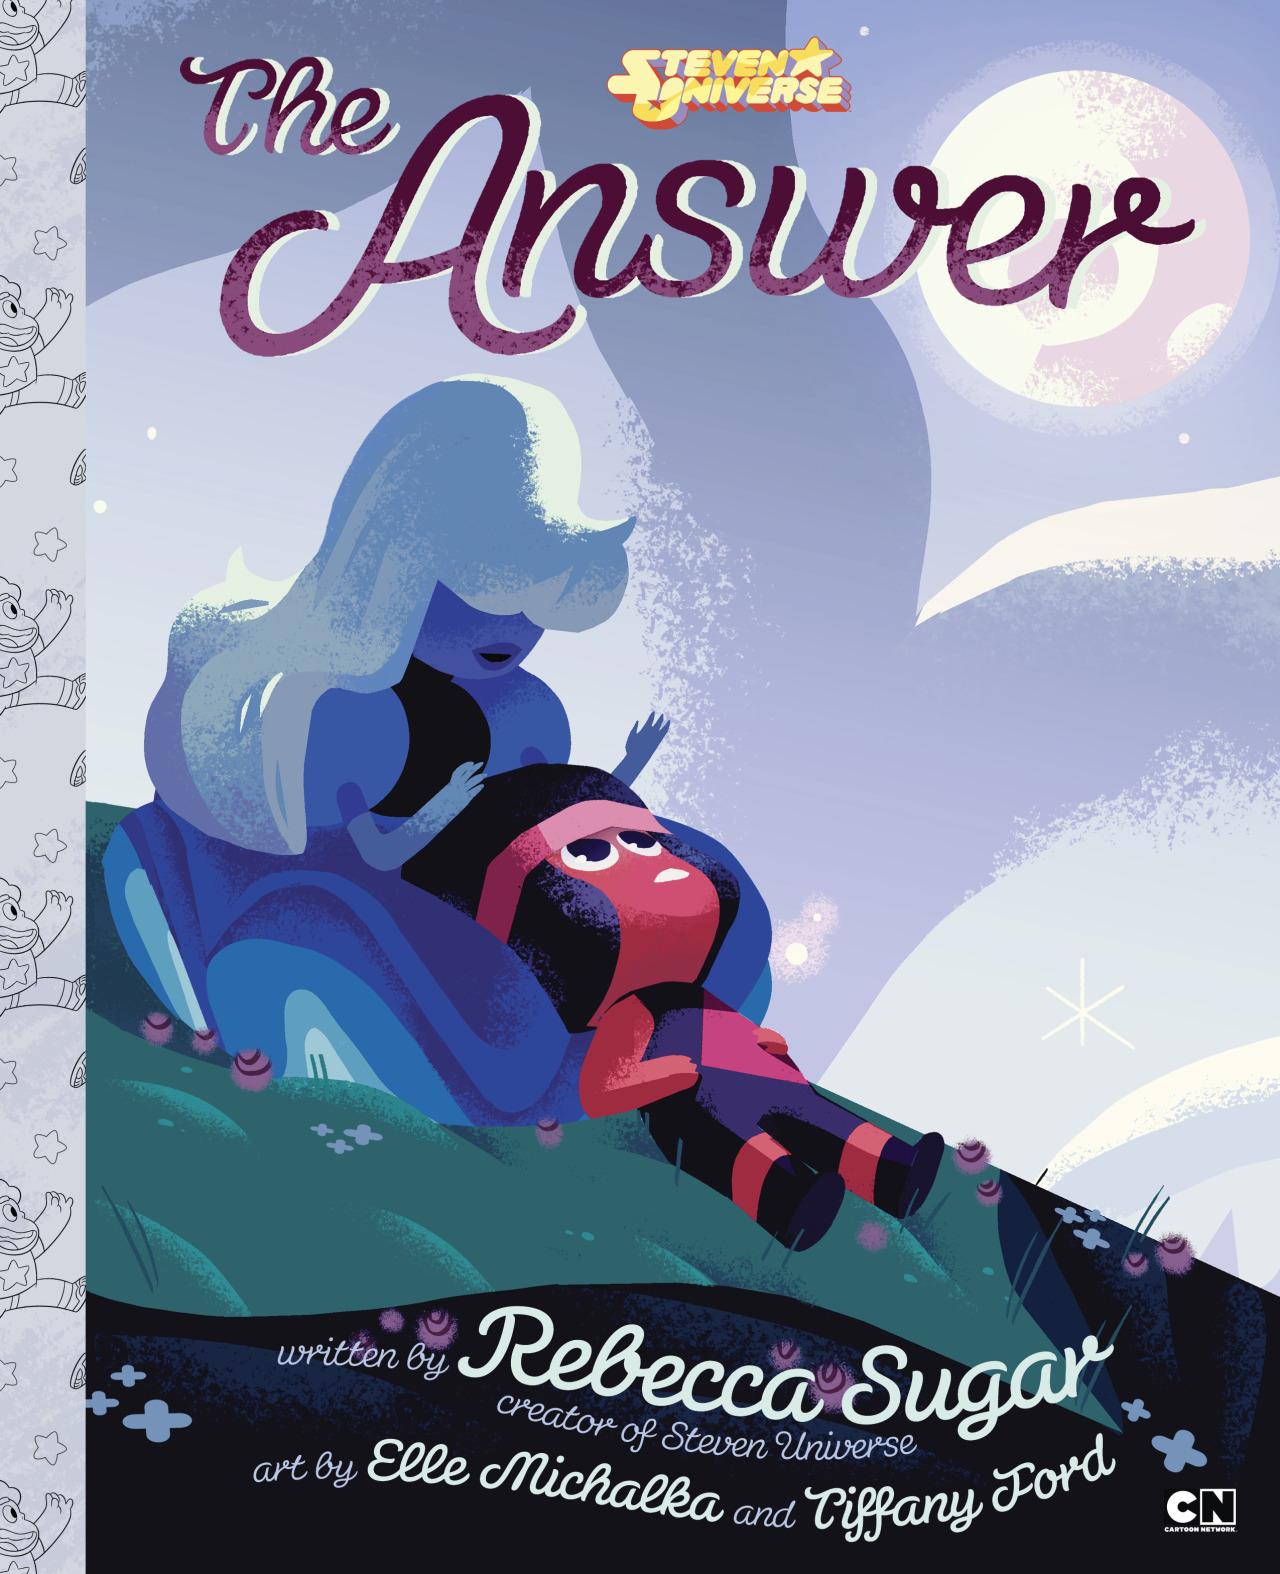 The Answer, Rebecca Sugar, Steven Universe, Tiffany Ford, Elle Michalka